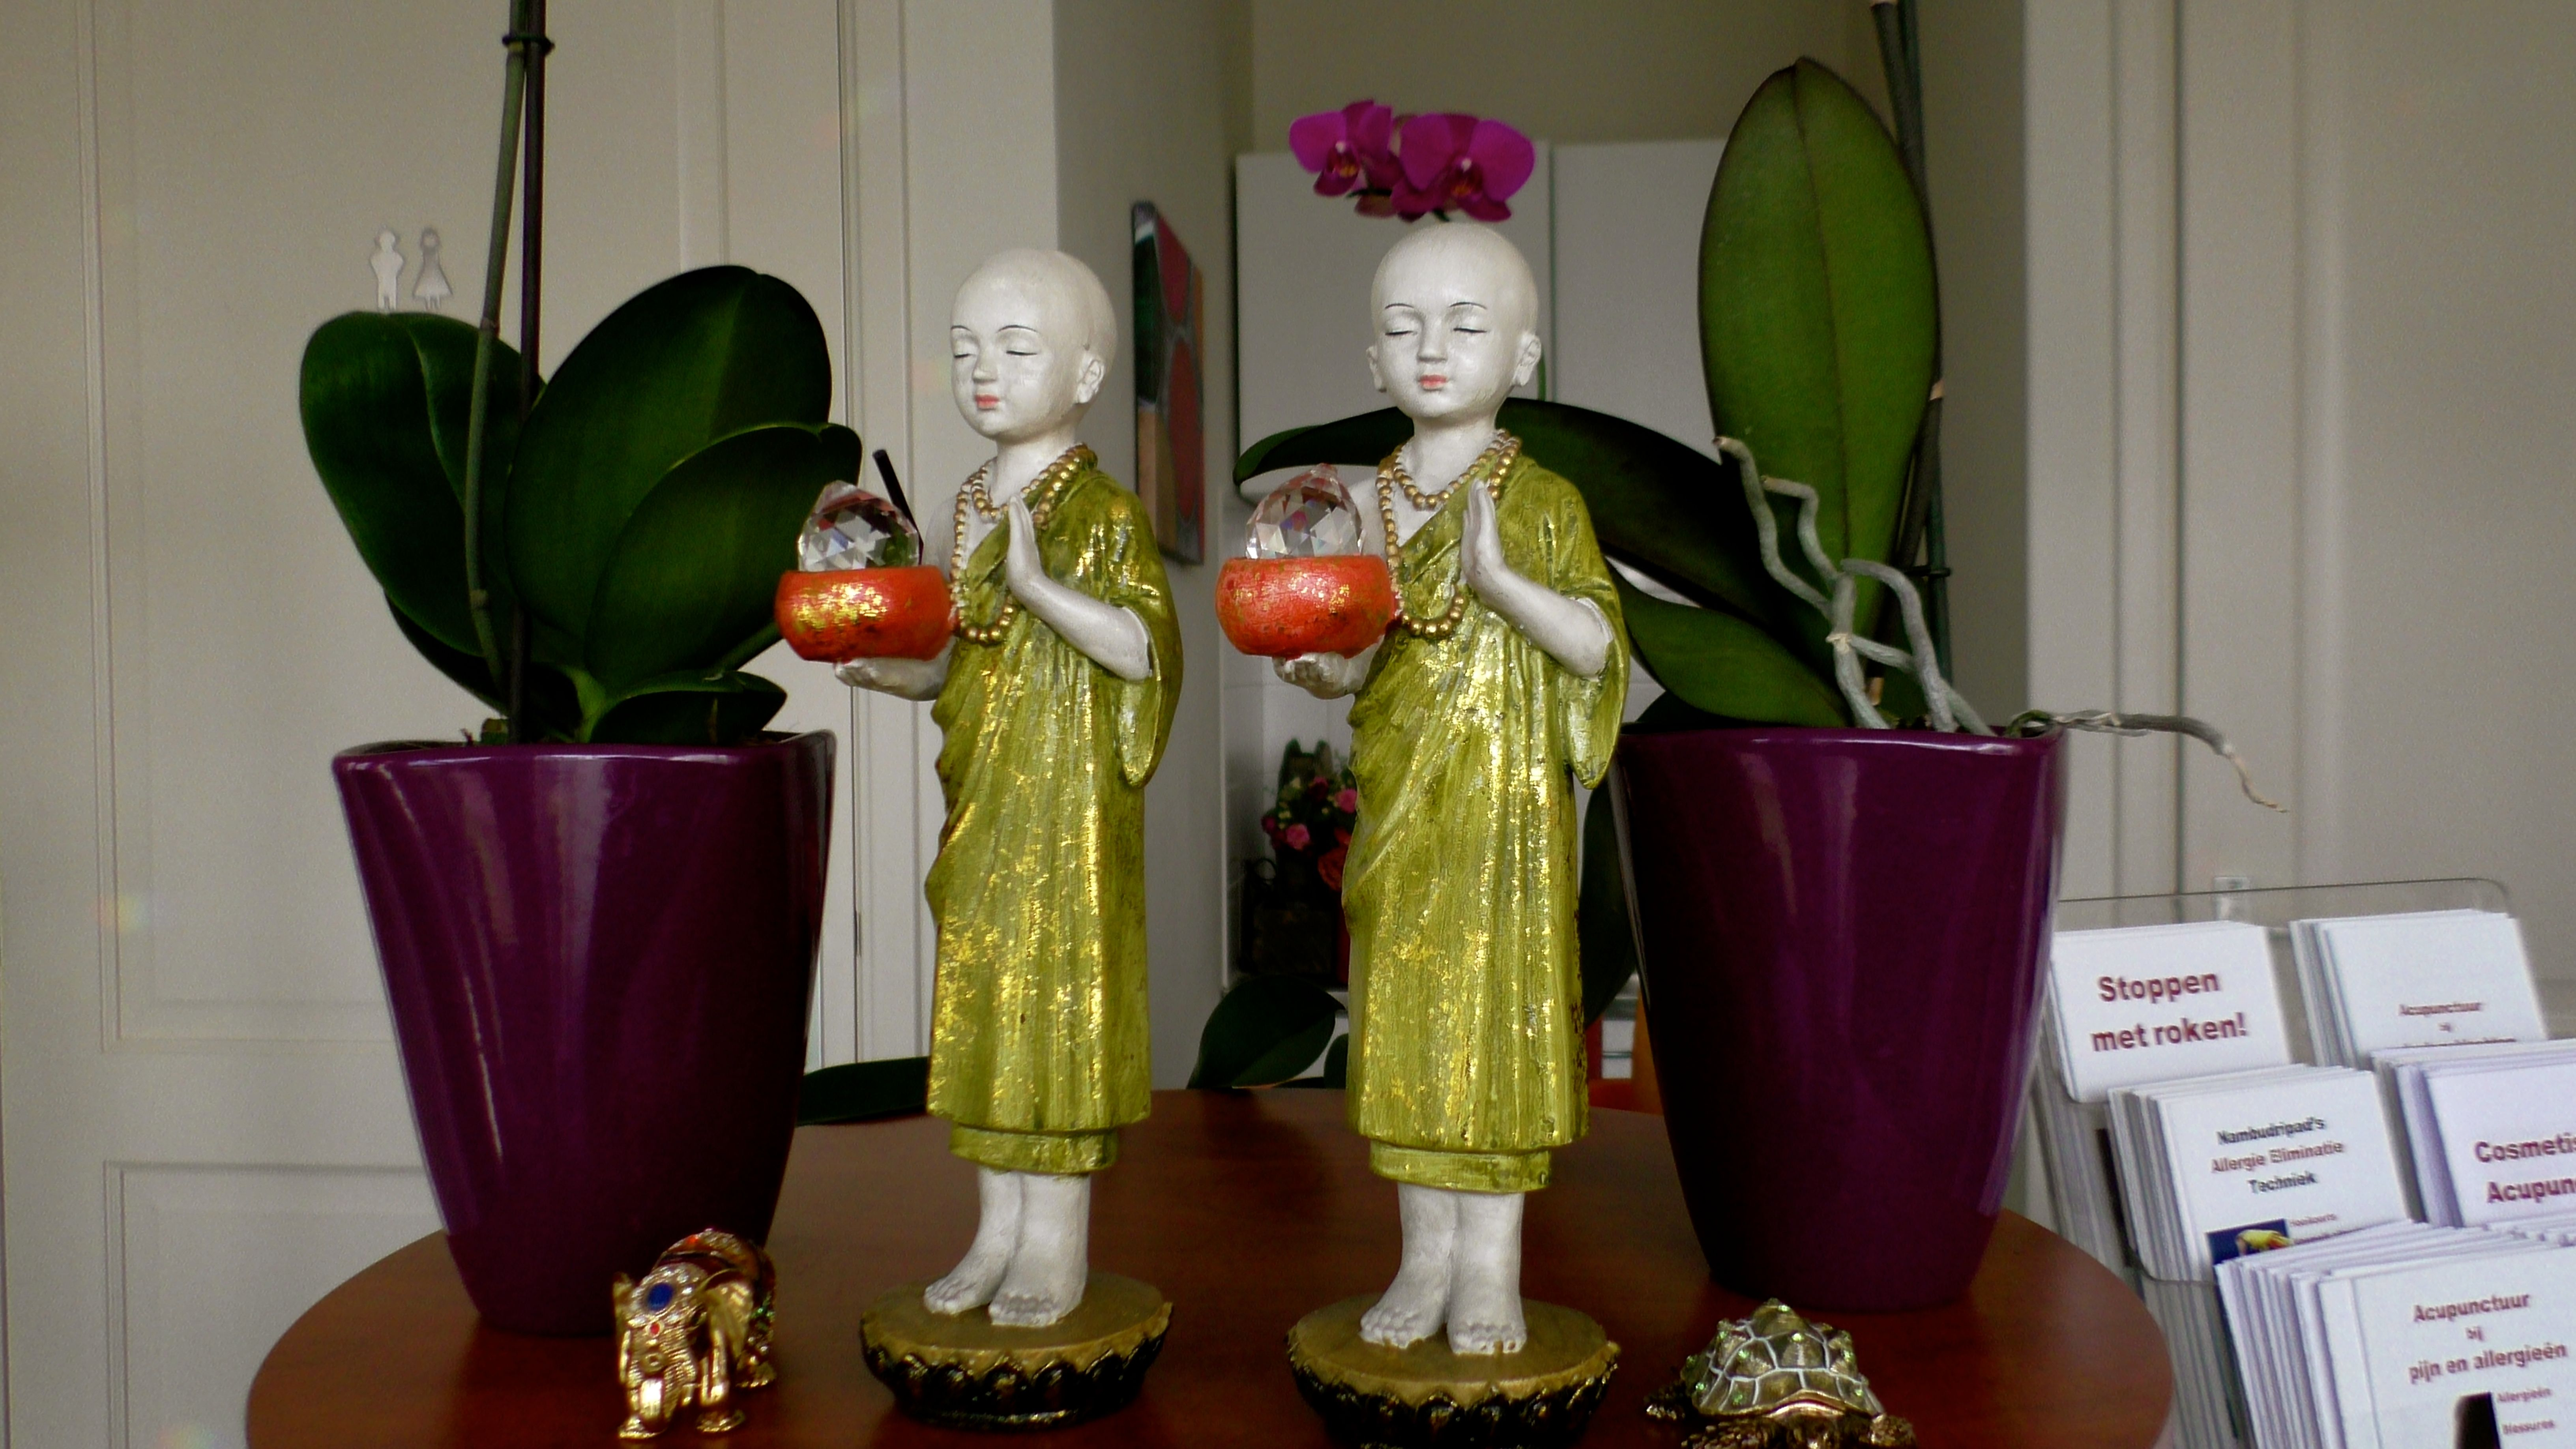 Acupunctuur Praktijk Tilburg boeddha beelden